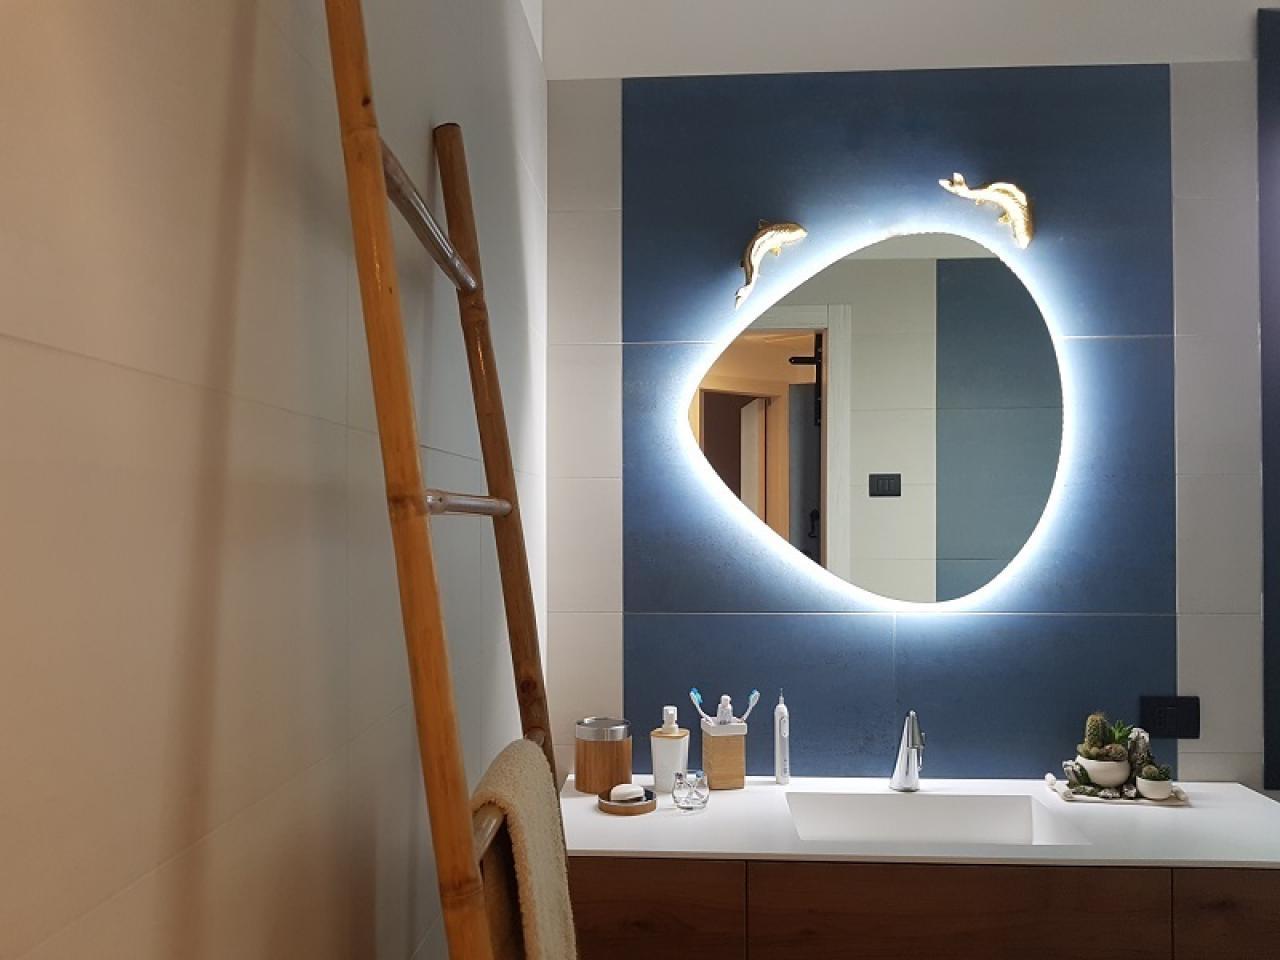 Applique Specchio Bagno Moderno specchio bagno: quale scegliere? | fratelli pellizzari